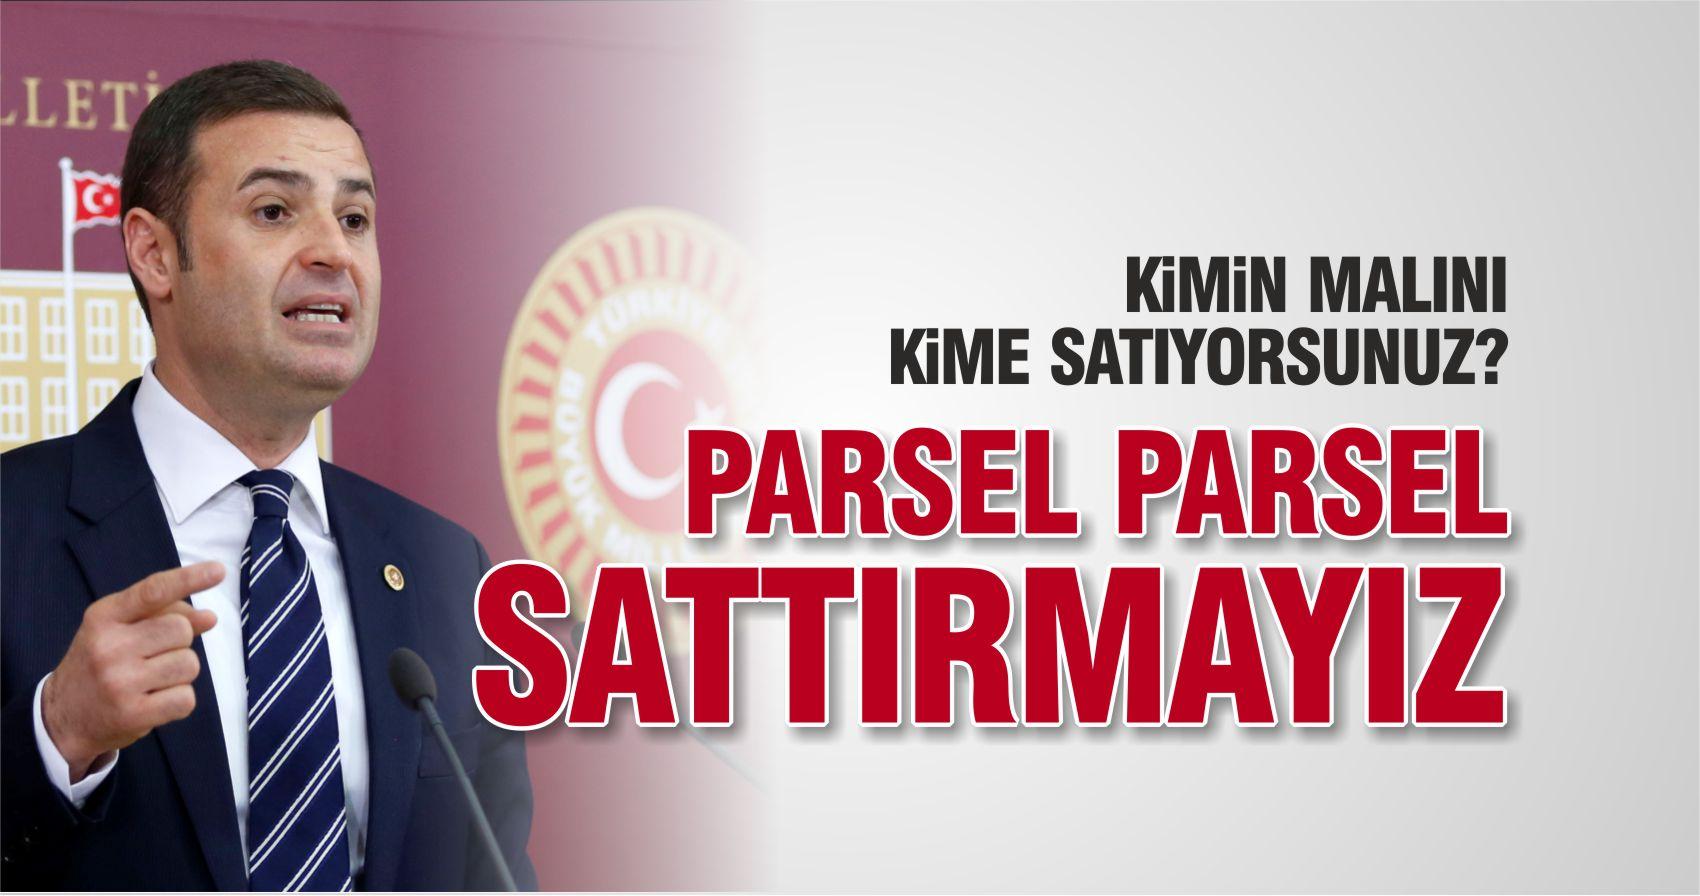 BALIKESİR'İN MERALARINI PARSEL PARSEL SATTIRMAYIZ